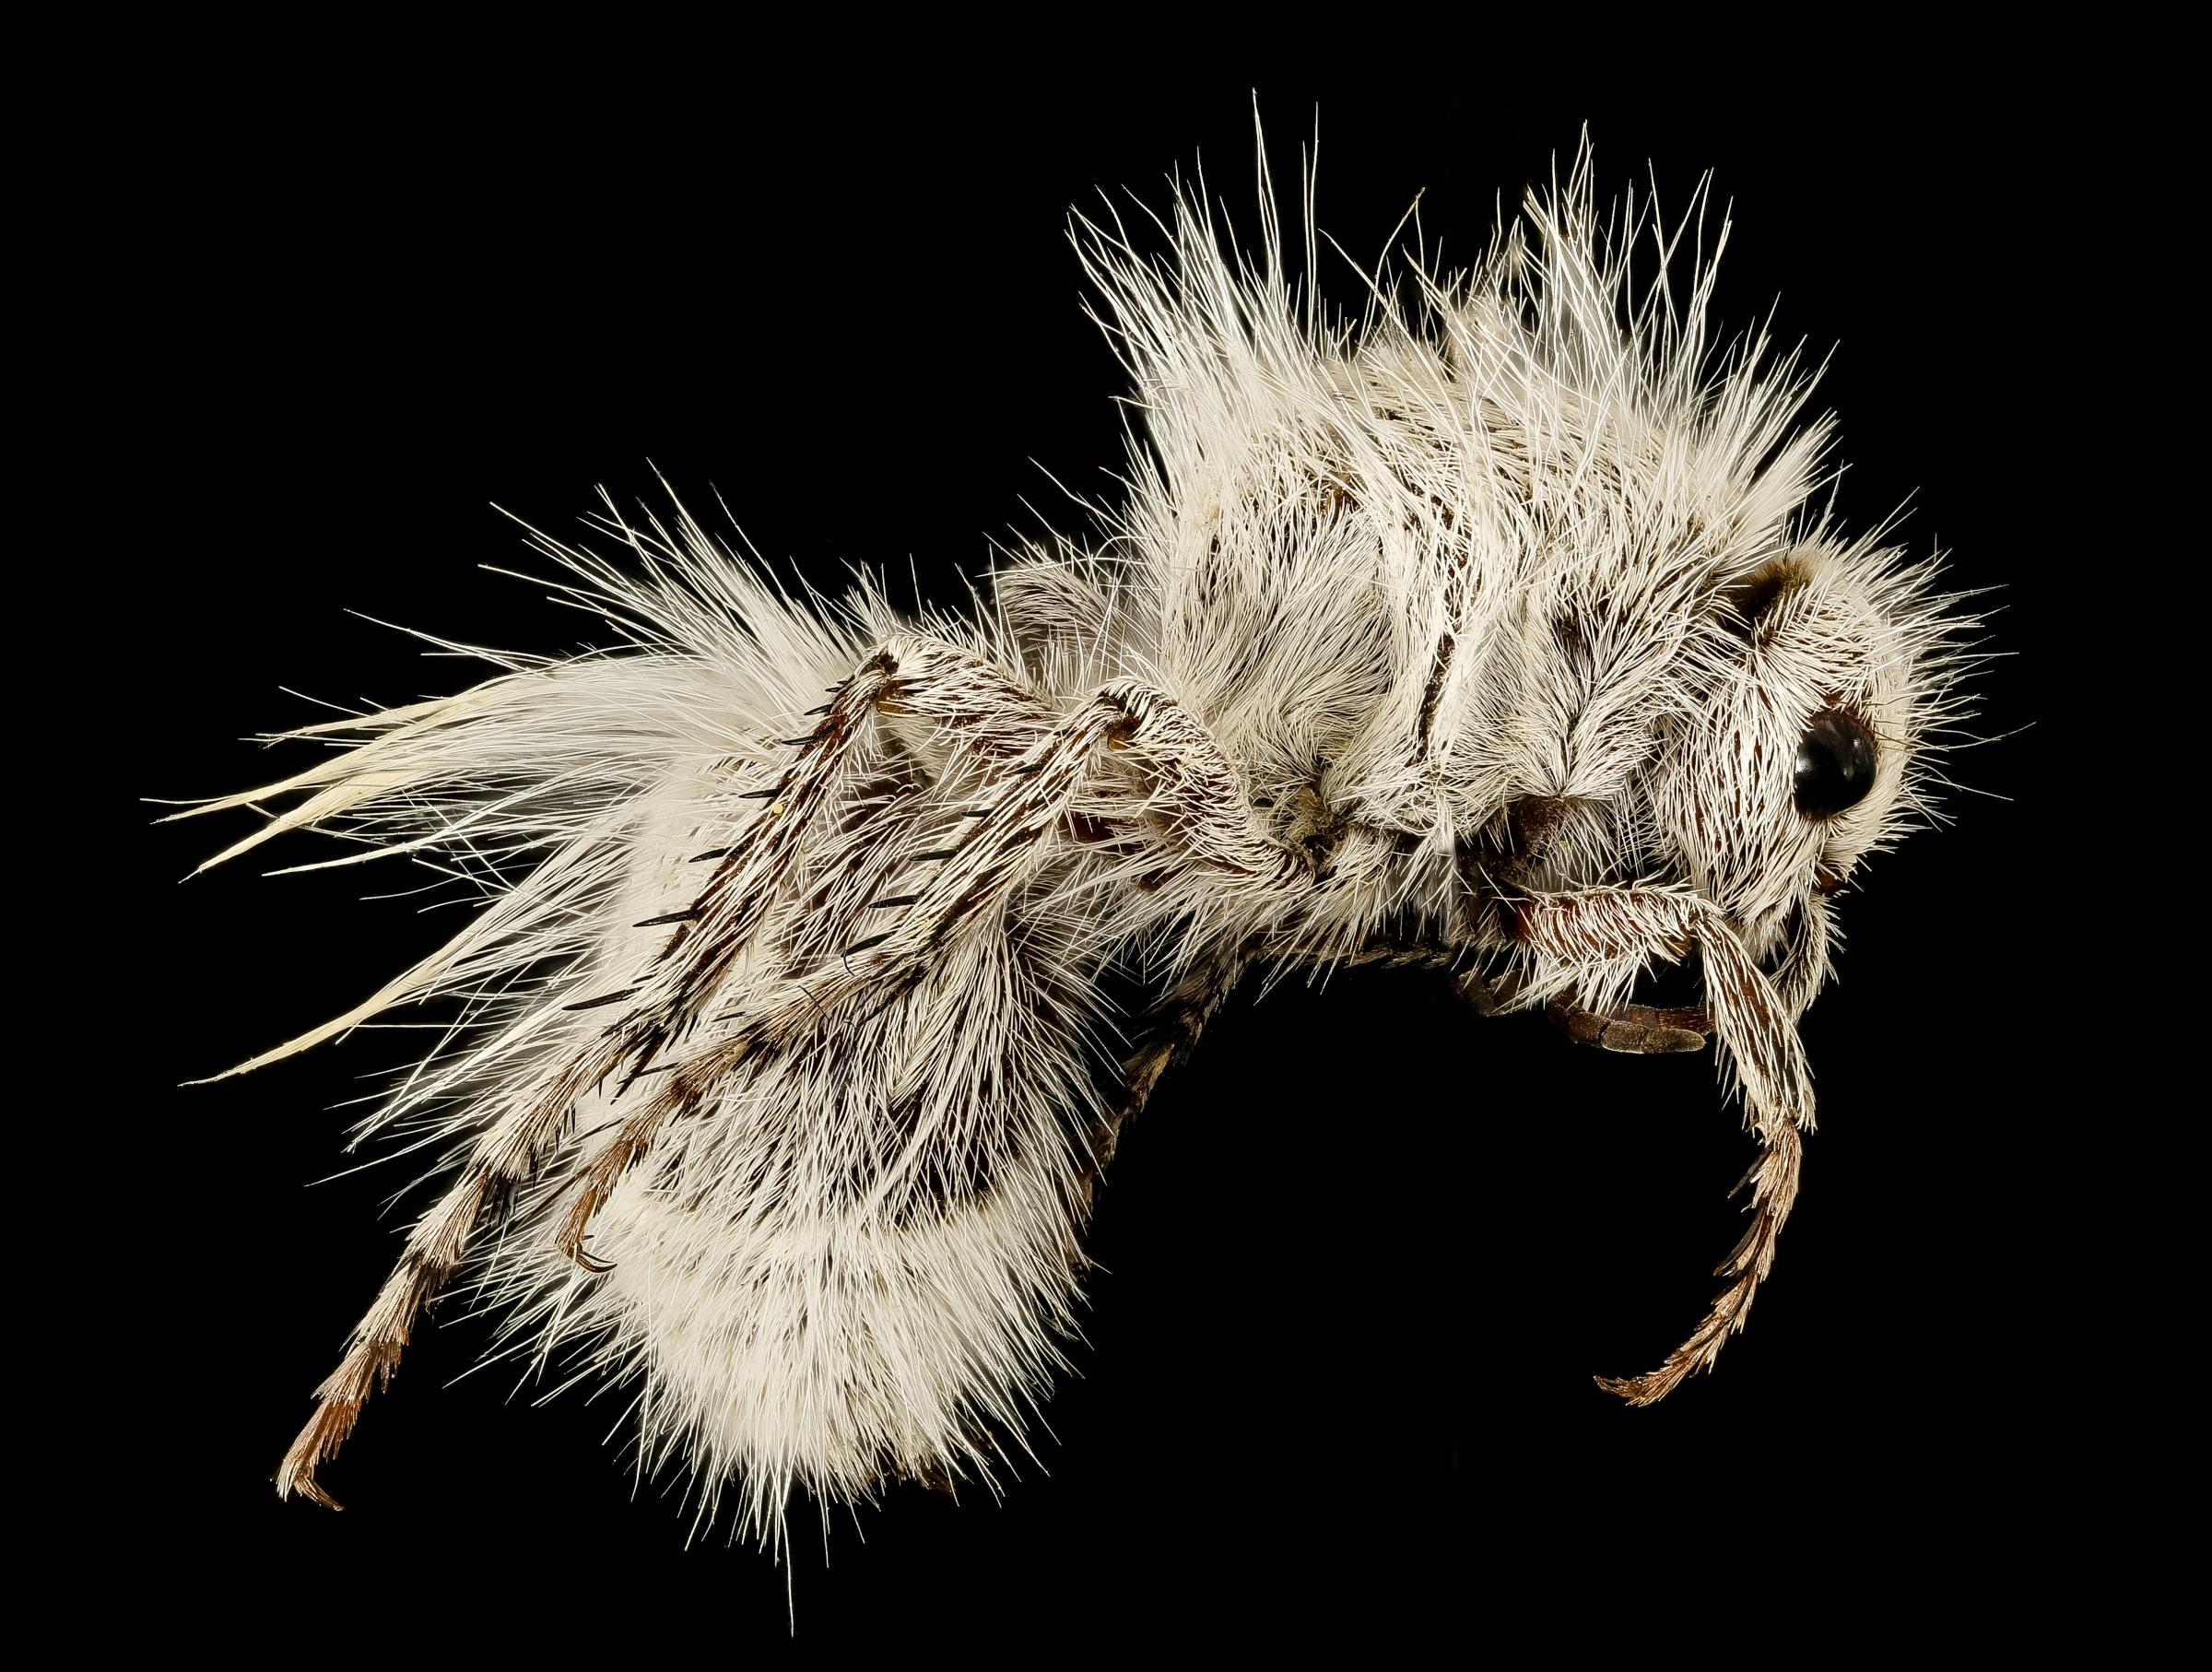 נקבת המין Dasymutilla gloriosa